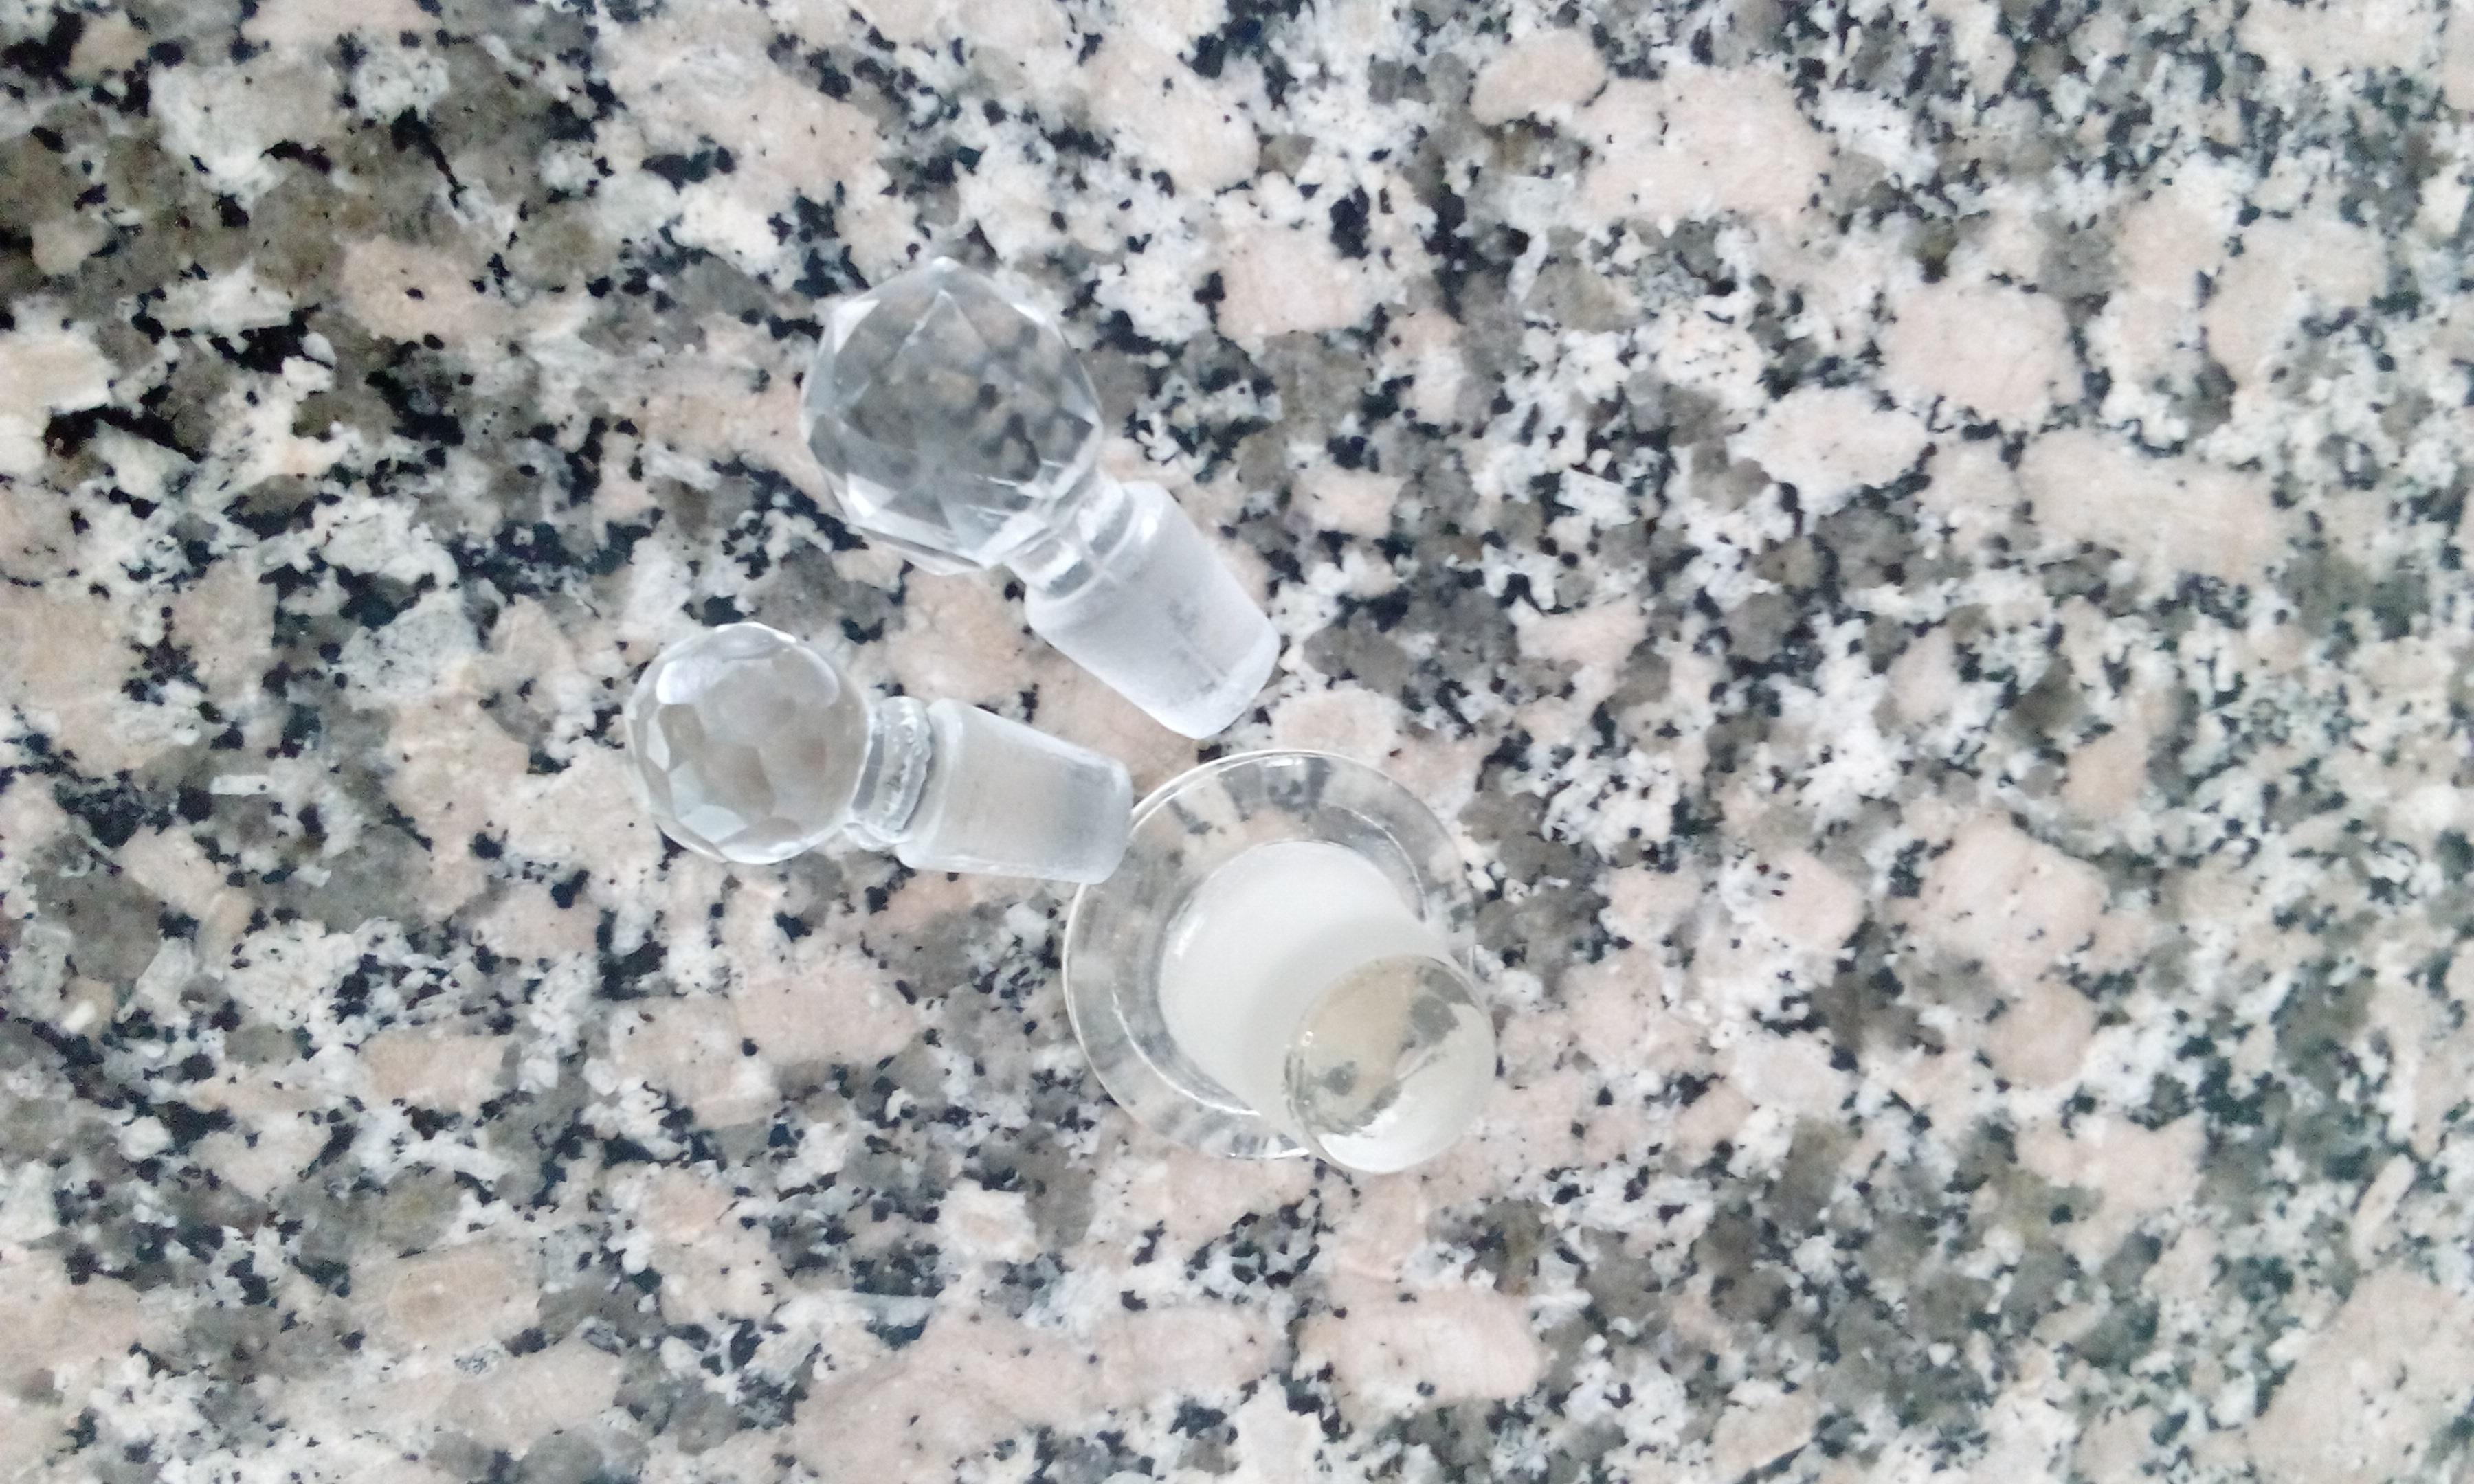 Glas Stöpsel tauschen